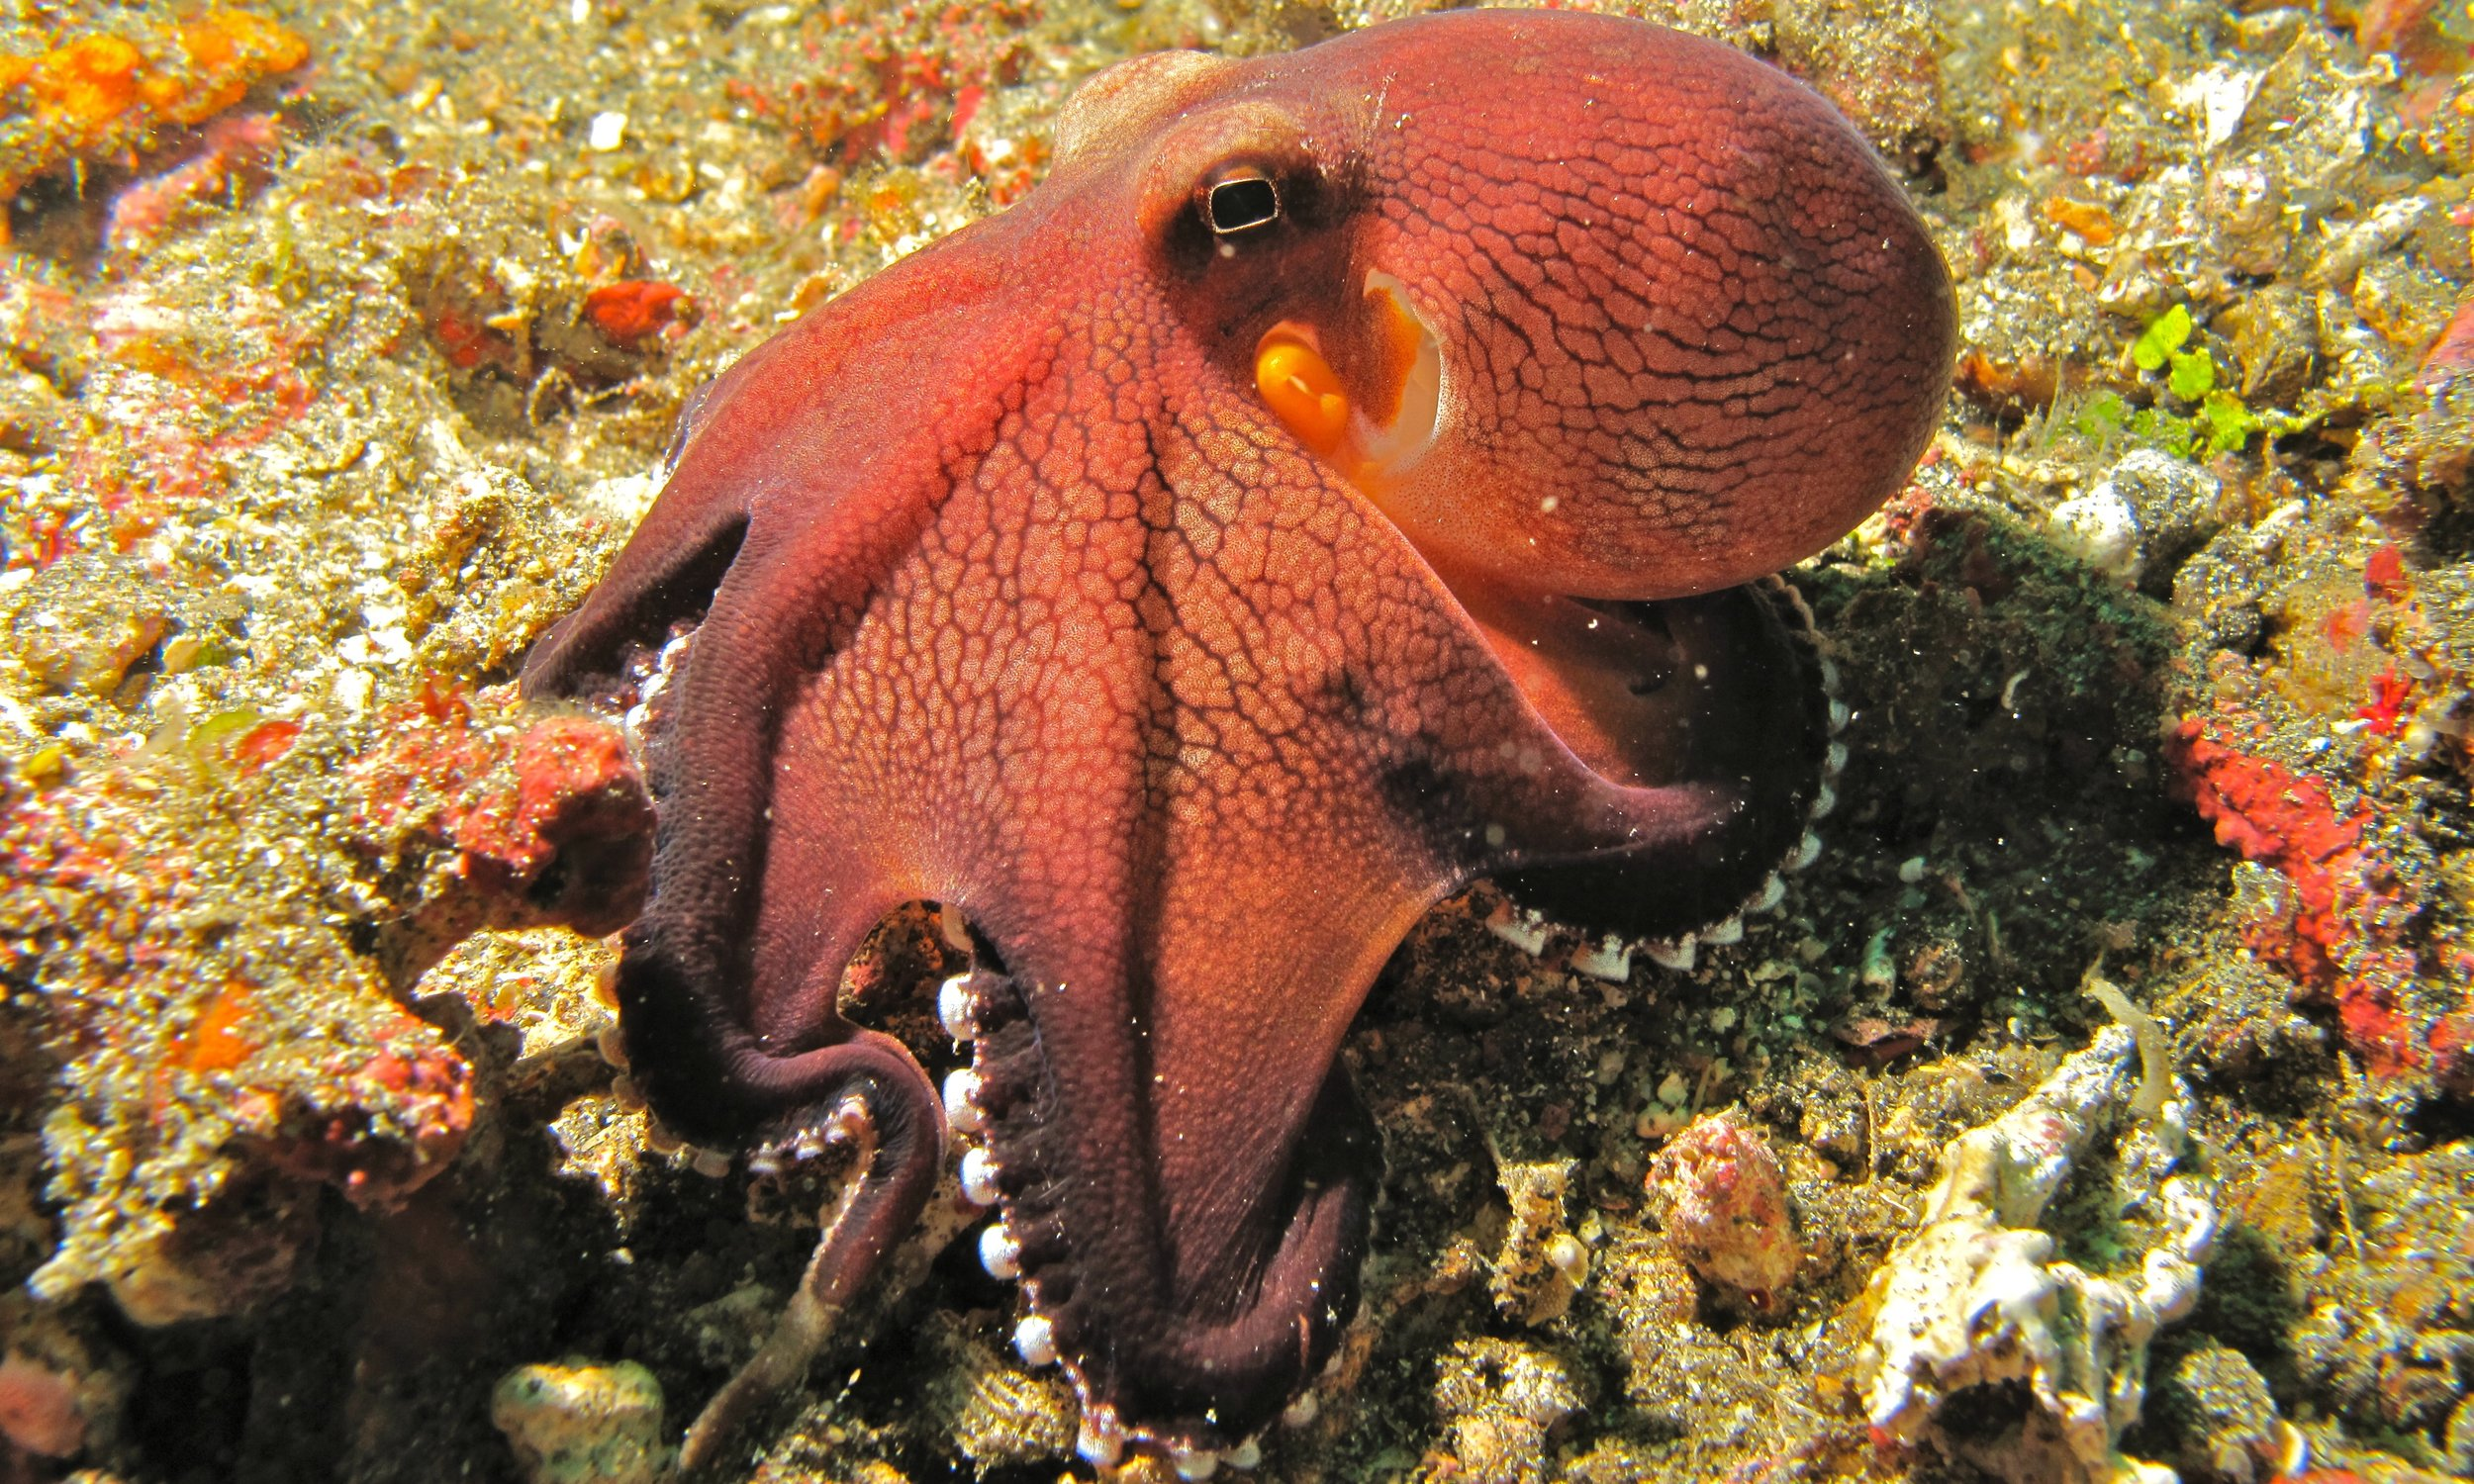 Coconut_Octopus_(Amphioctopus_marginatus)_(6079648725).jpg